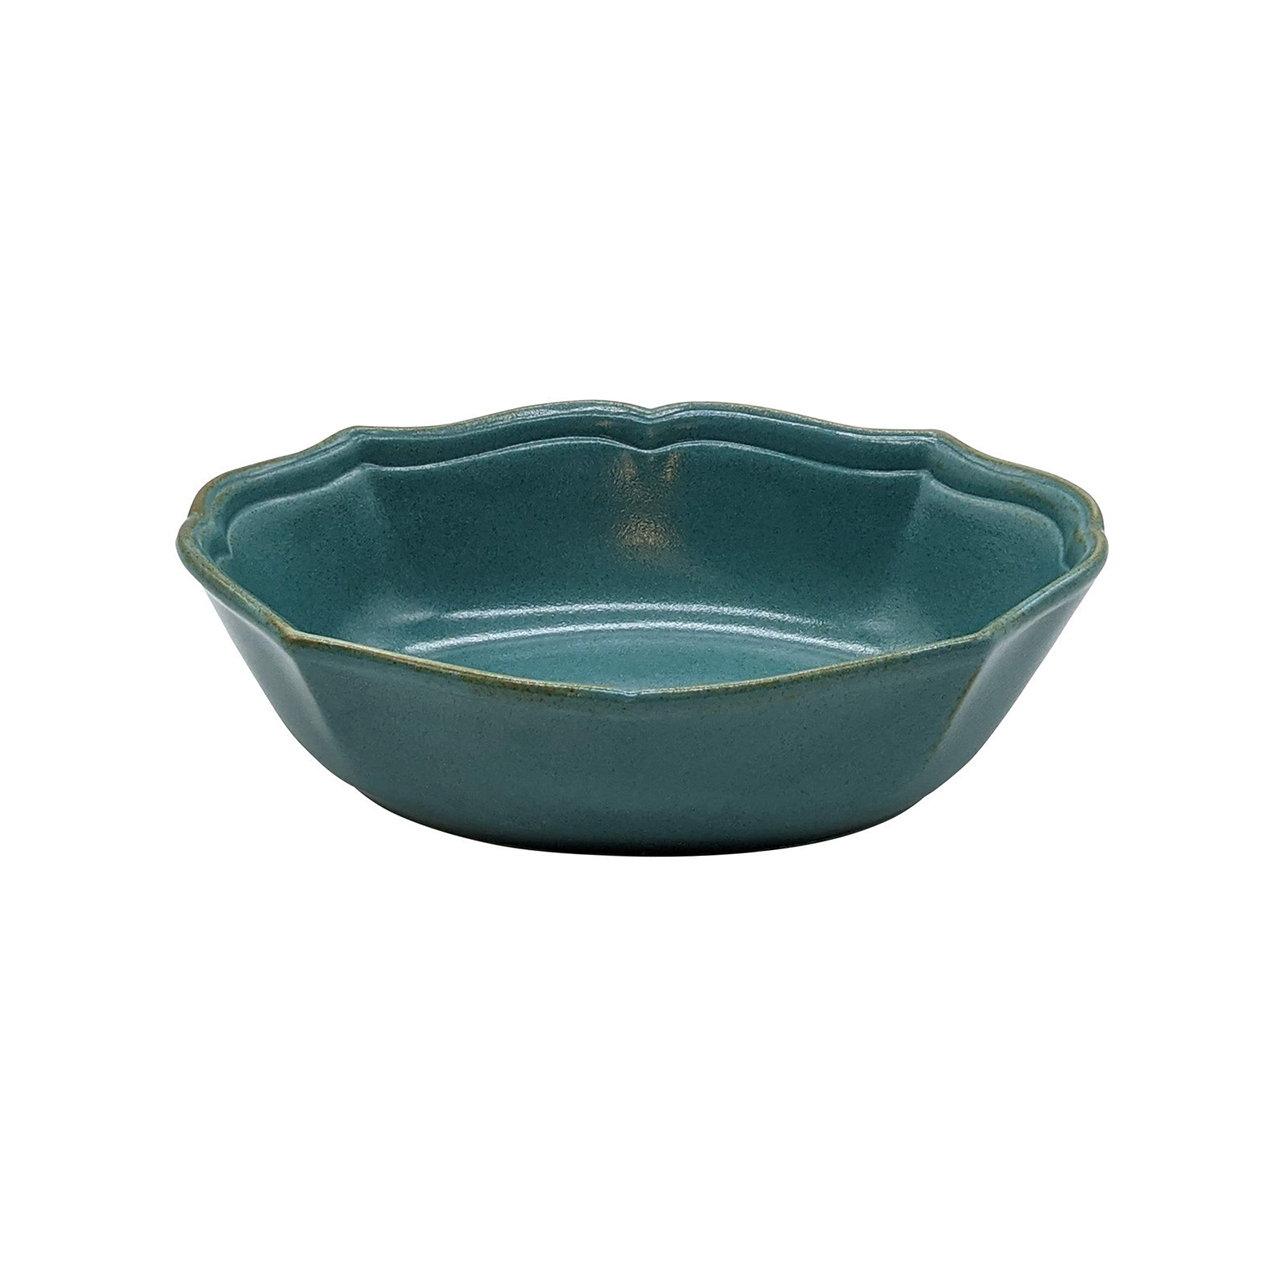 美濃焼 一洋陶園 カードル cadre 楕円 サラダボウル 皿 約18×13cm 緑 ブロンズ 513-0032